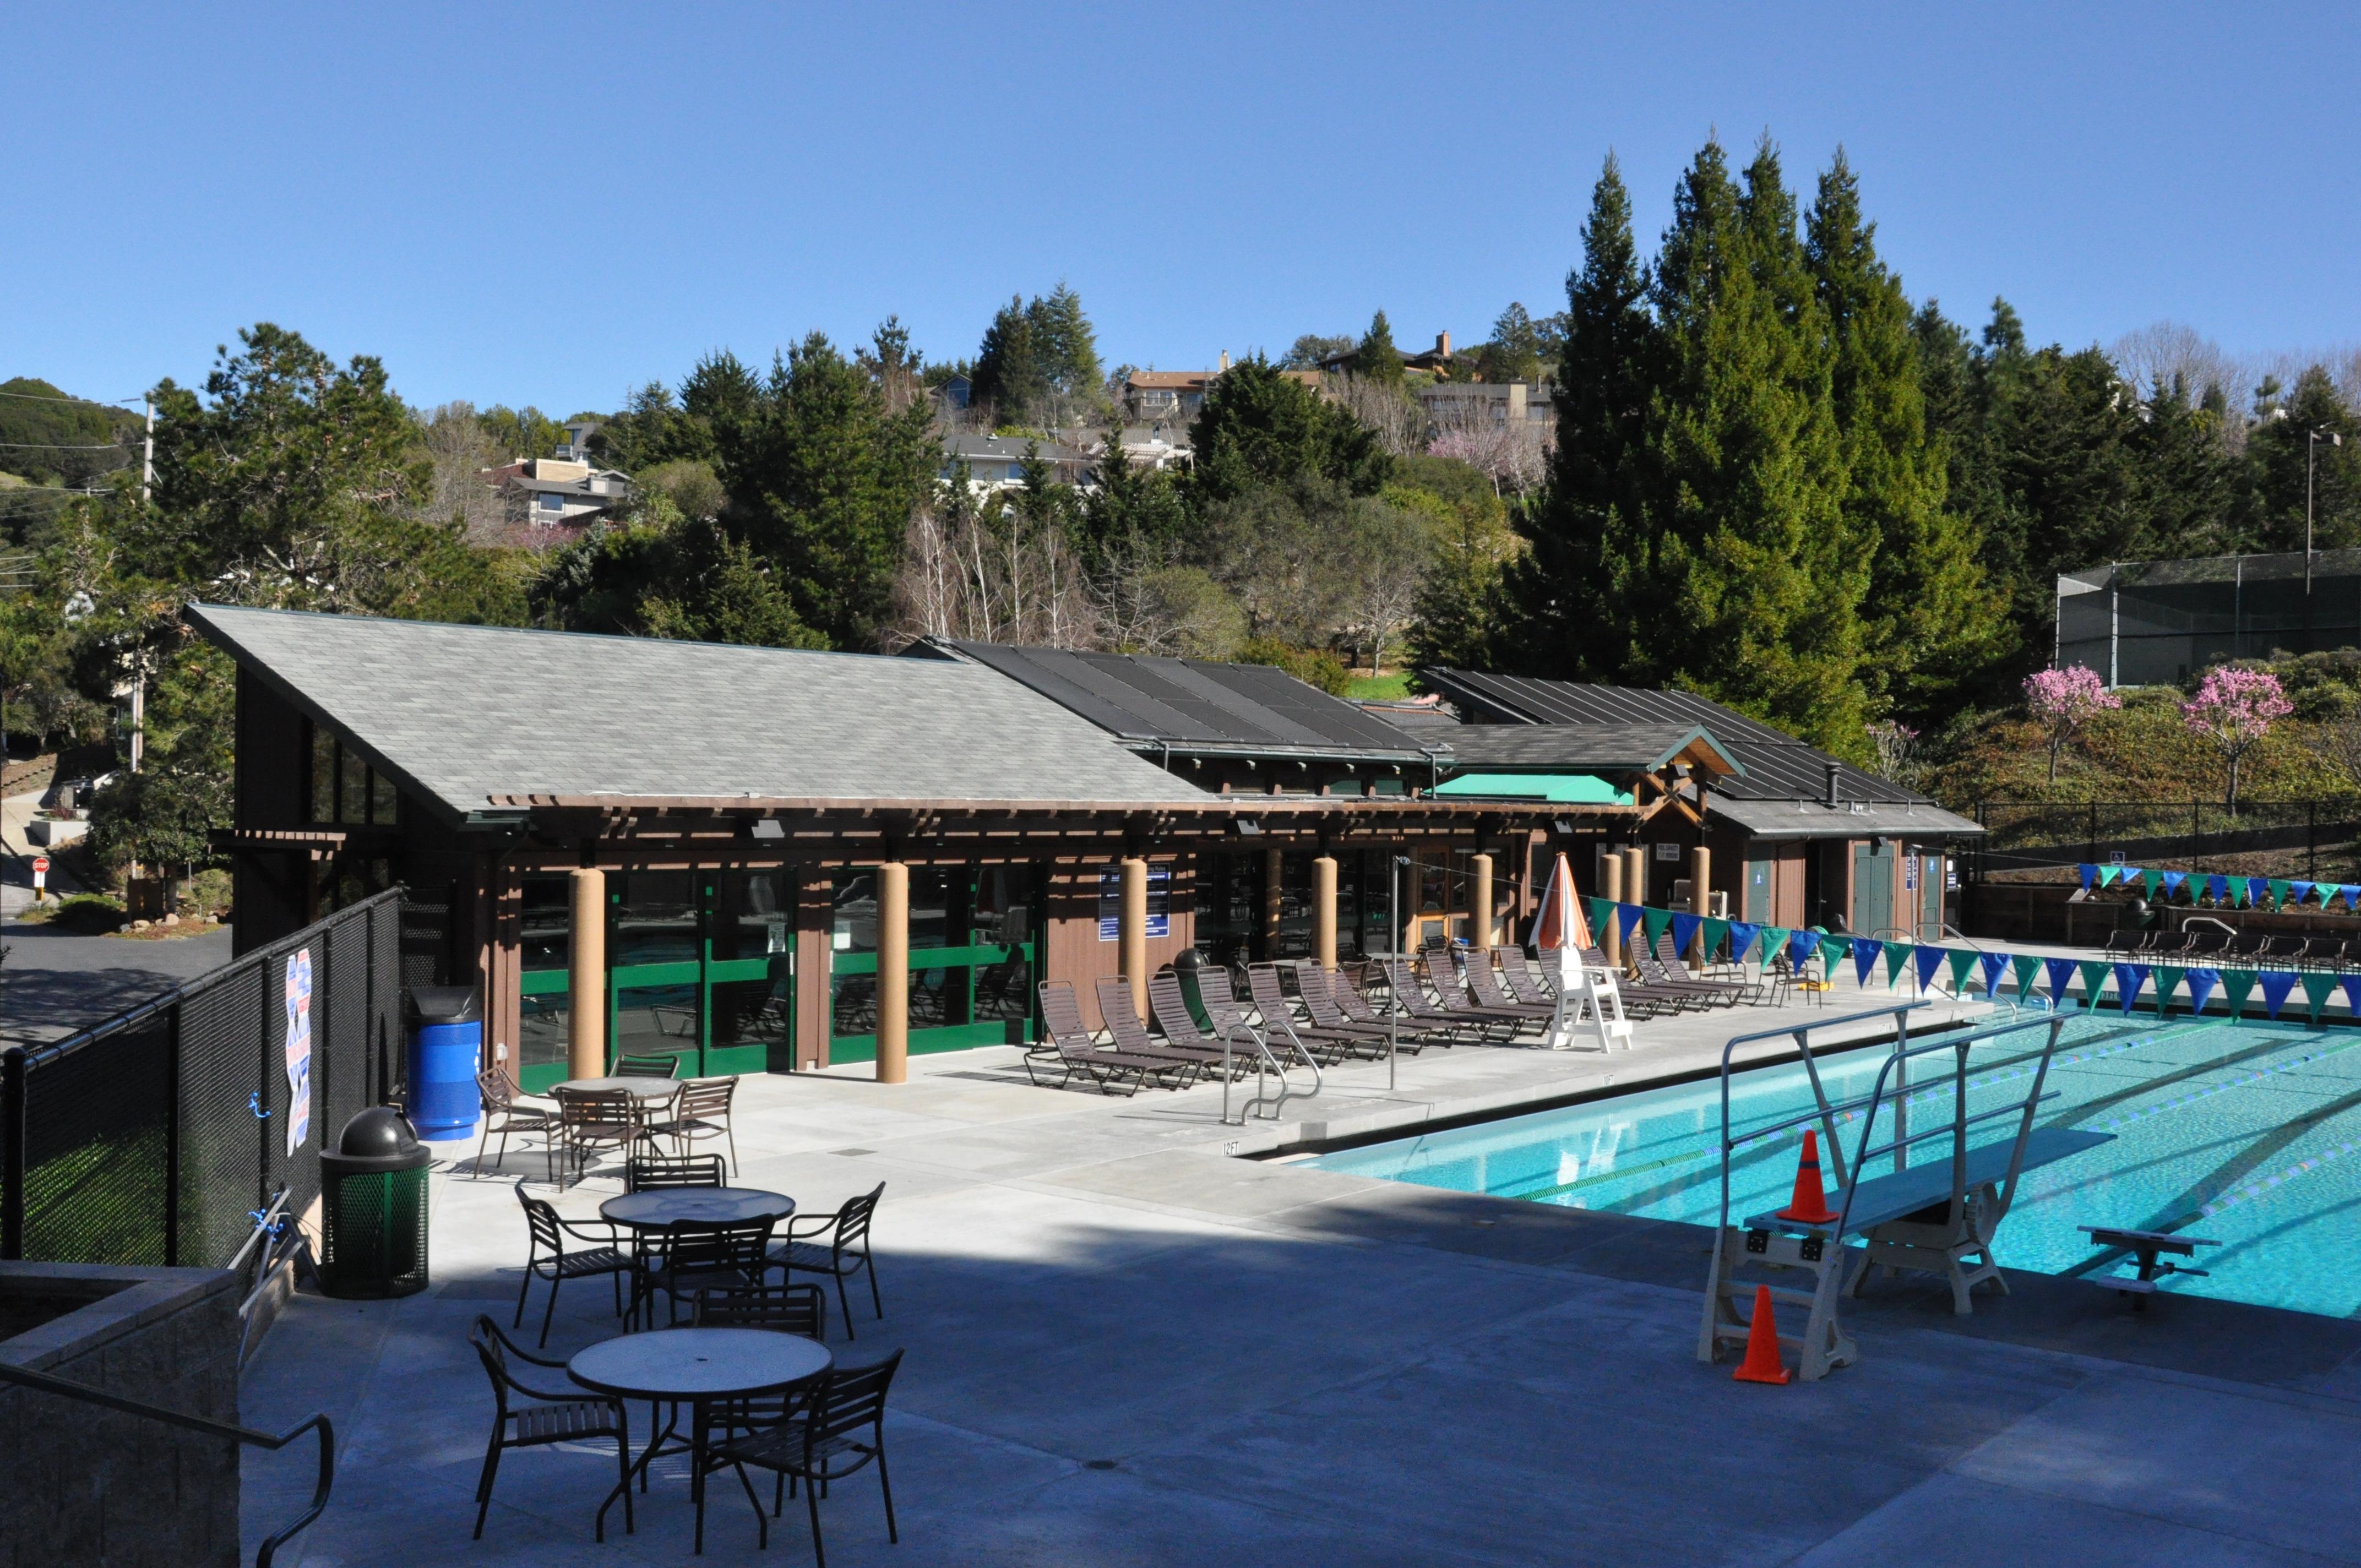 Scott Valley Swim and Tennis #1